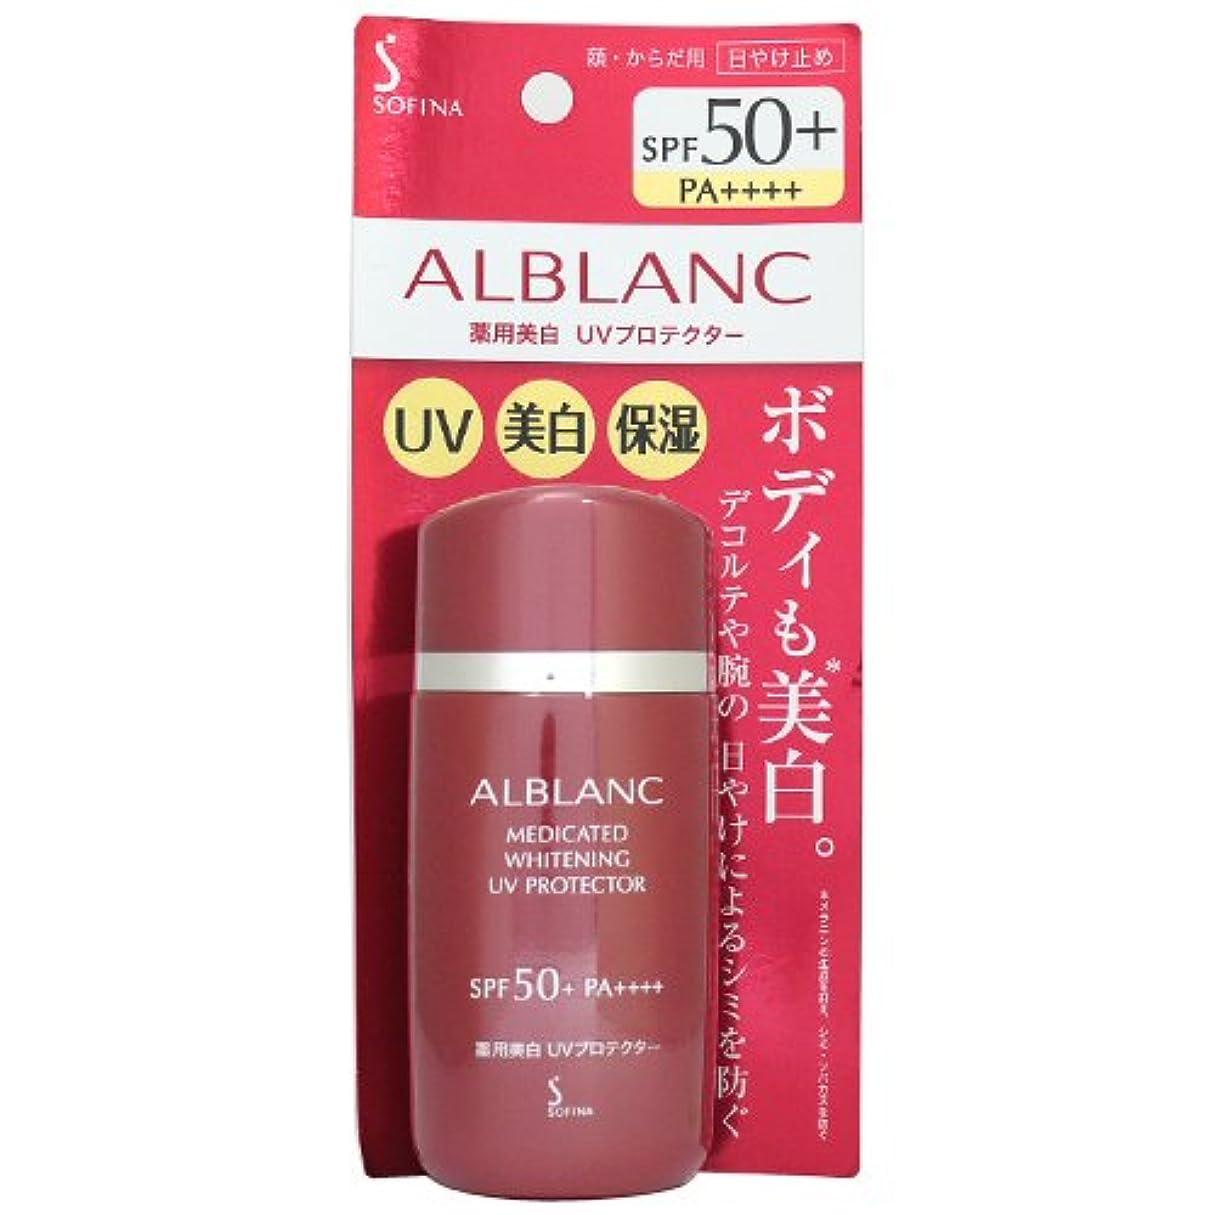 方法アーティストの面ではカオウ 花王アルブラン 薬用美白UVプロテクター SPF50+?PA++++ 60mL